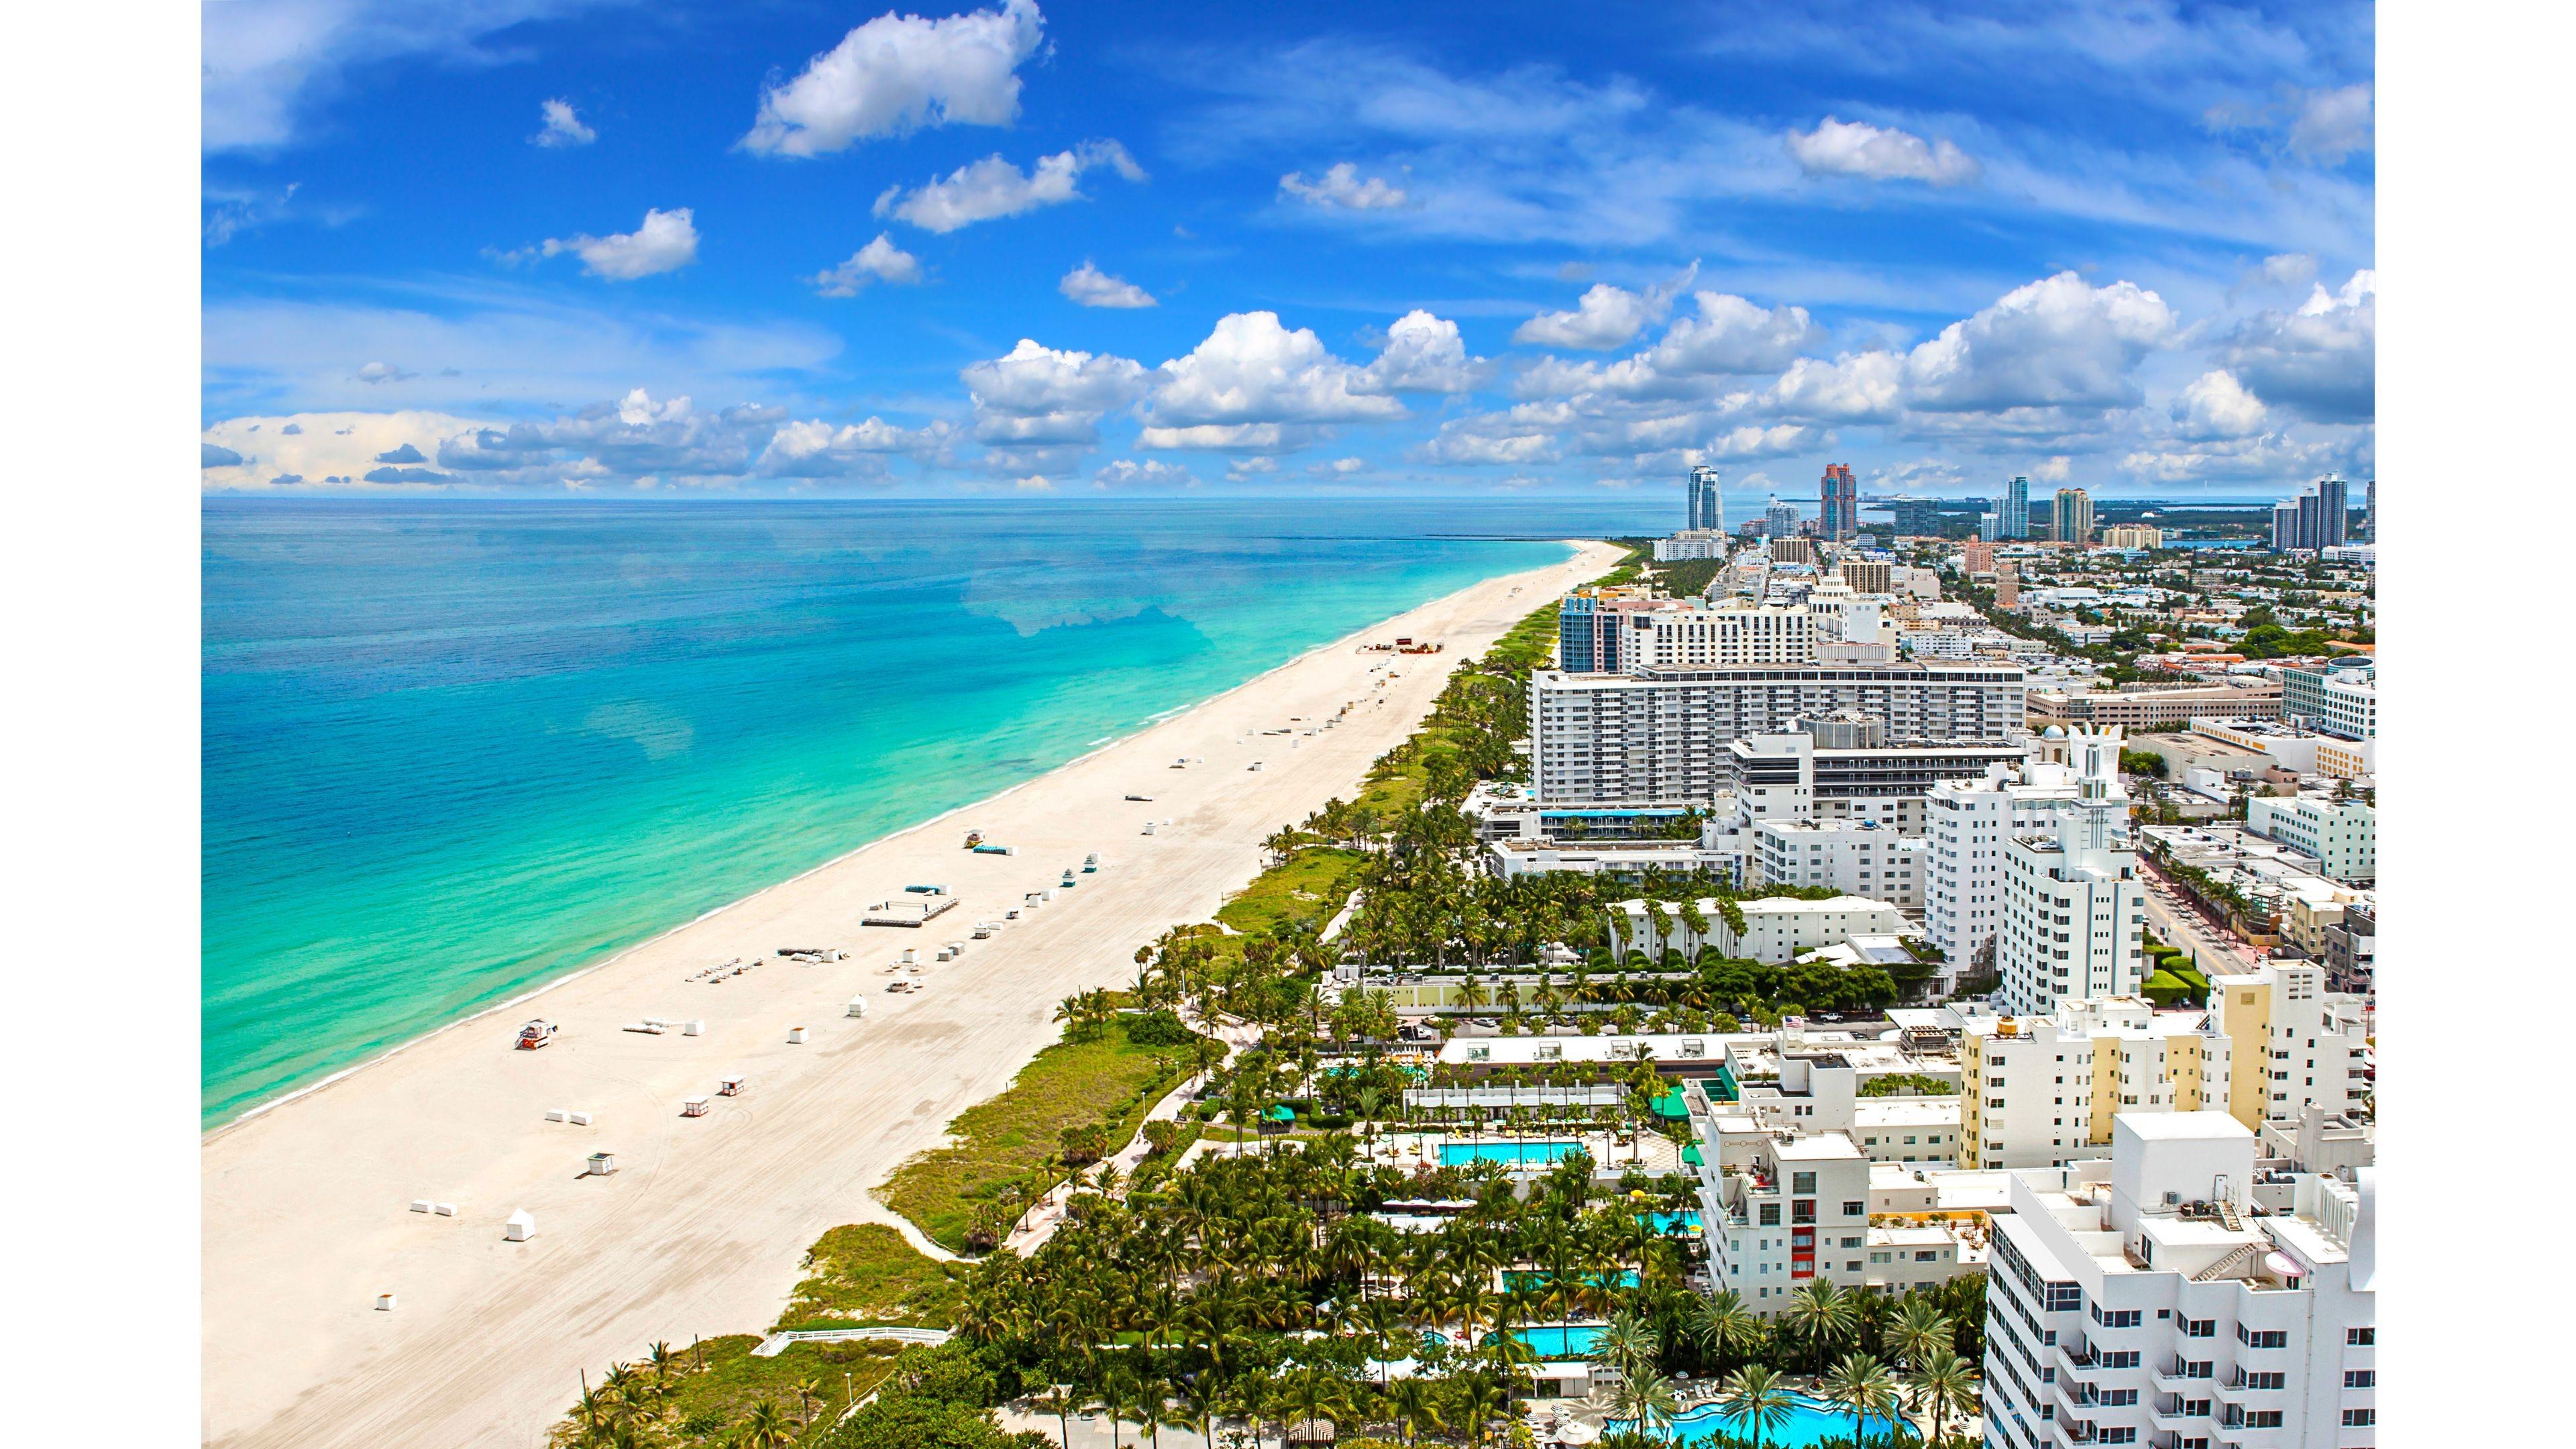 Miami Beach Wallpaper 1